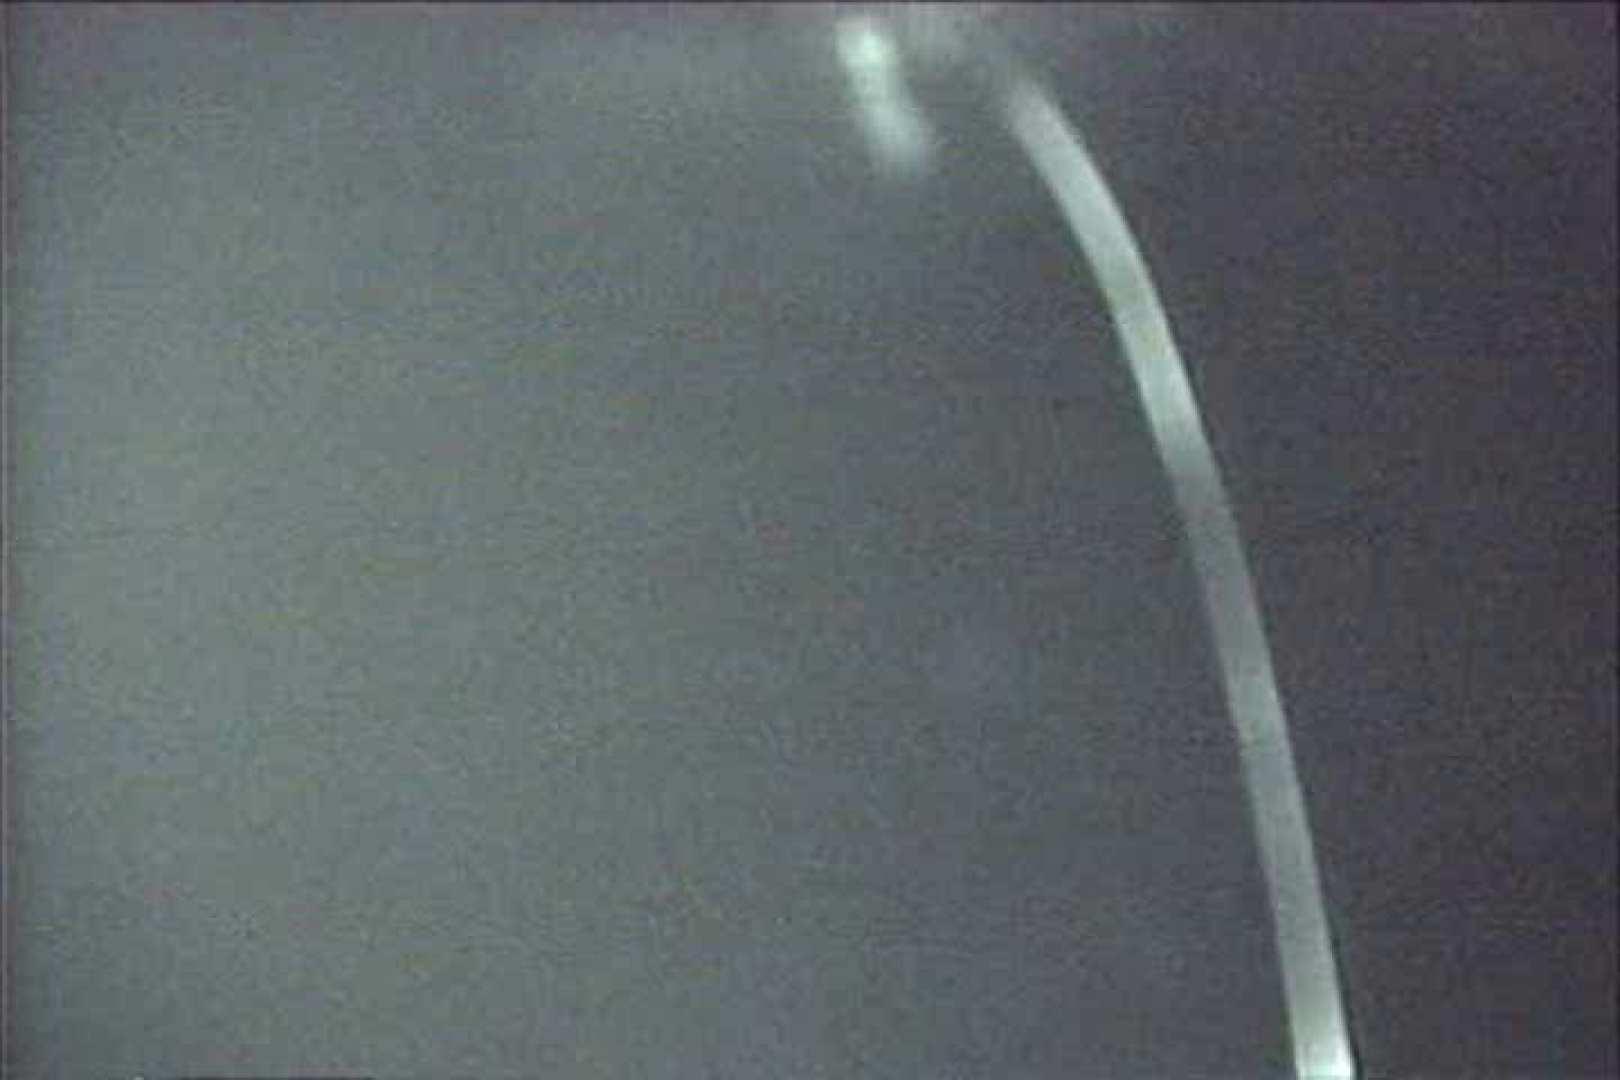 車の中はラブホテル 無修正版  Vol.18 ラブホテル隠し撮り  100pic 70